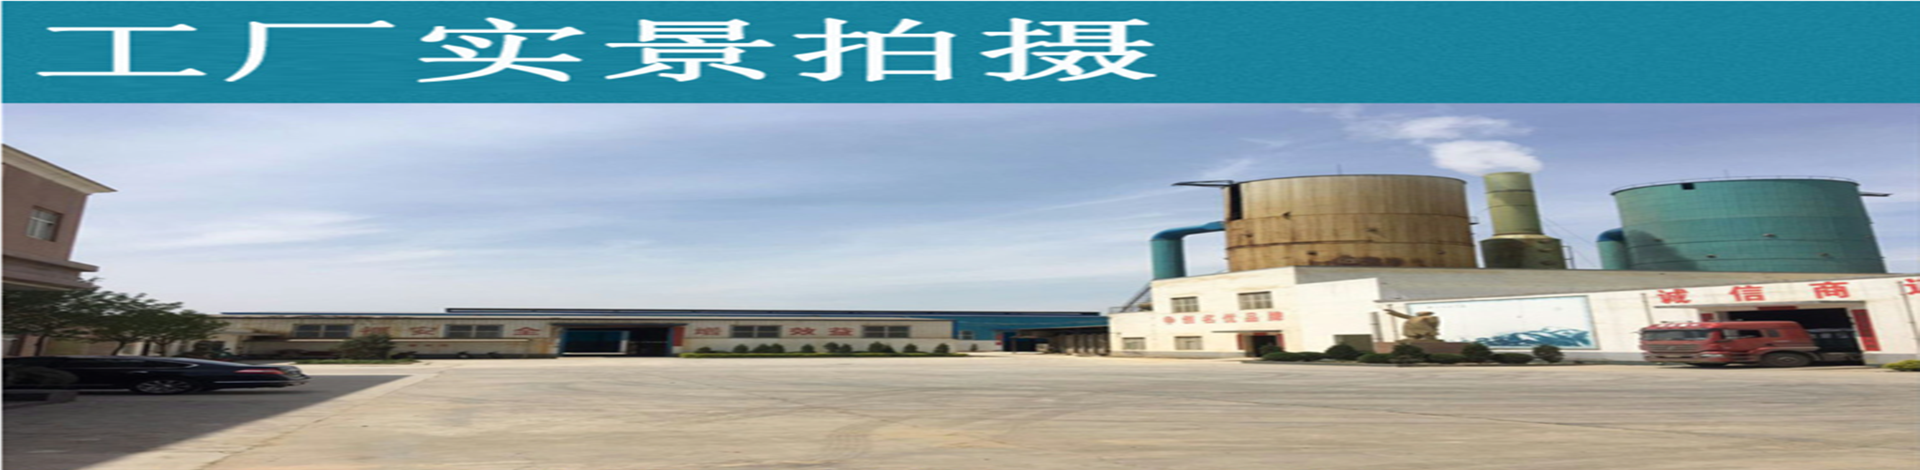 河南铂瑞化工有限公司